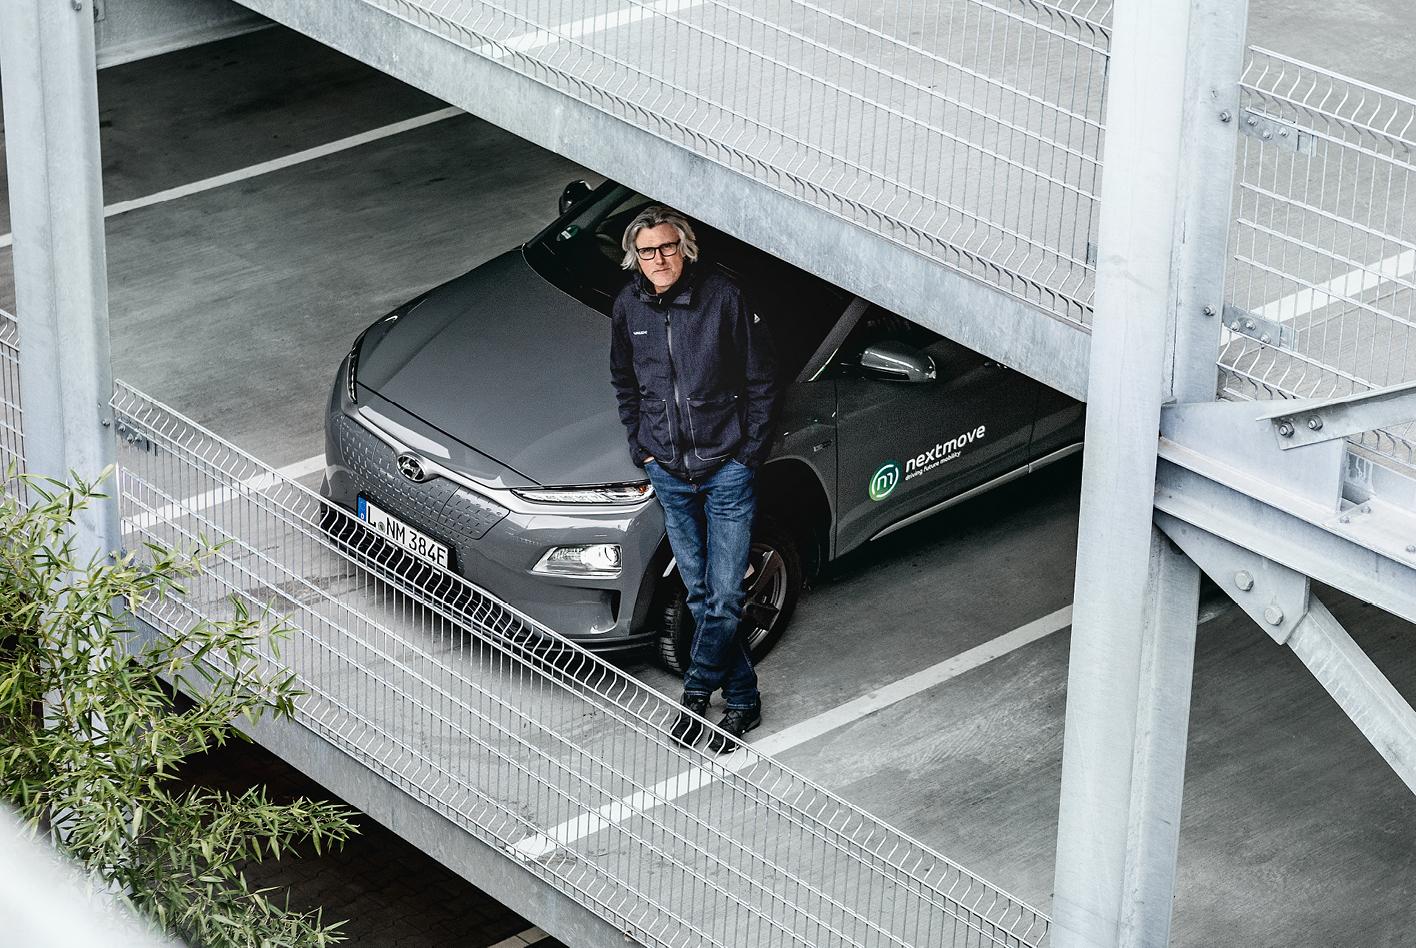 Hier ein paar Eindrücke meiner Testfahrt mit dem Hyundai Kona.